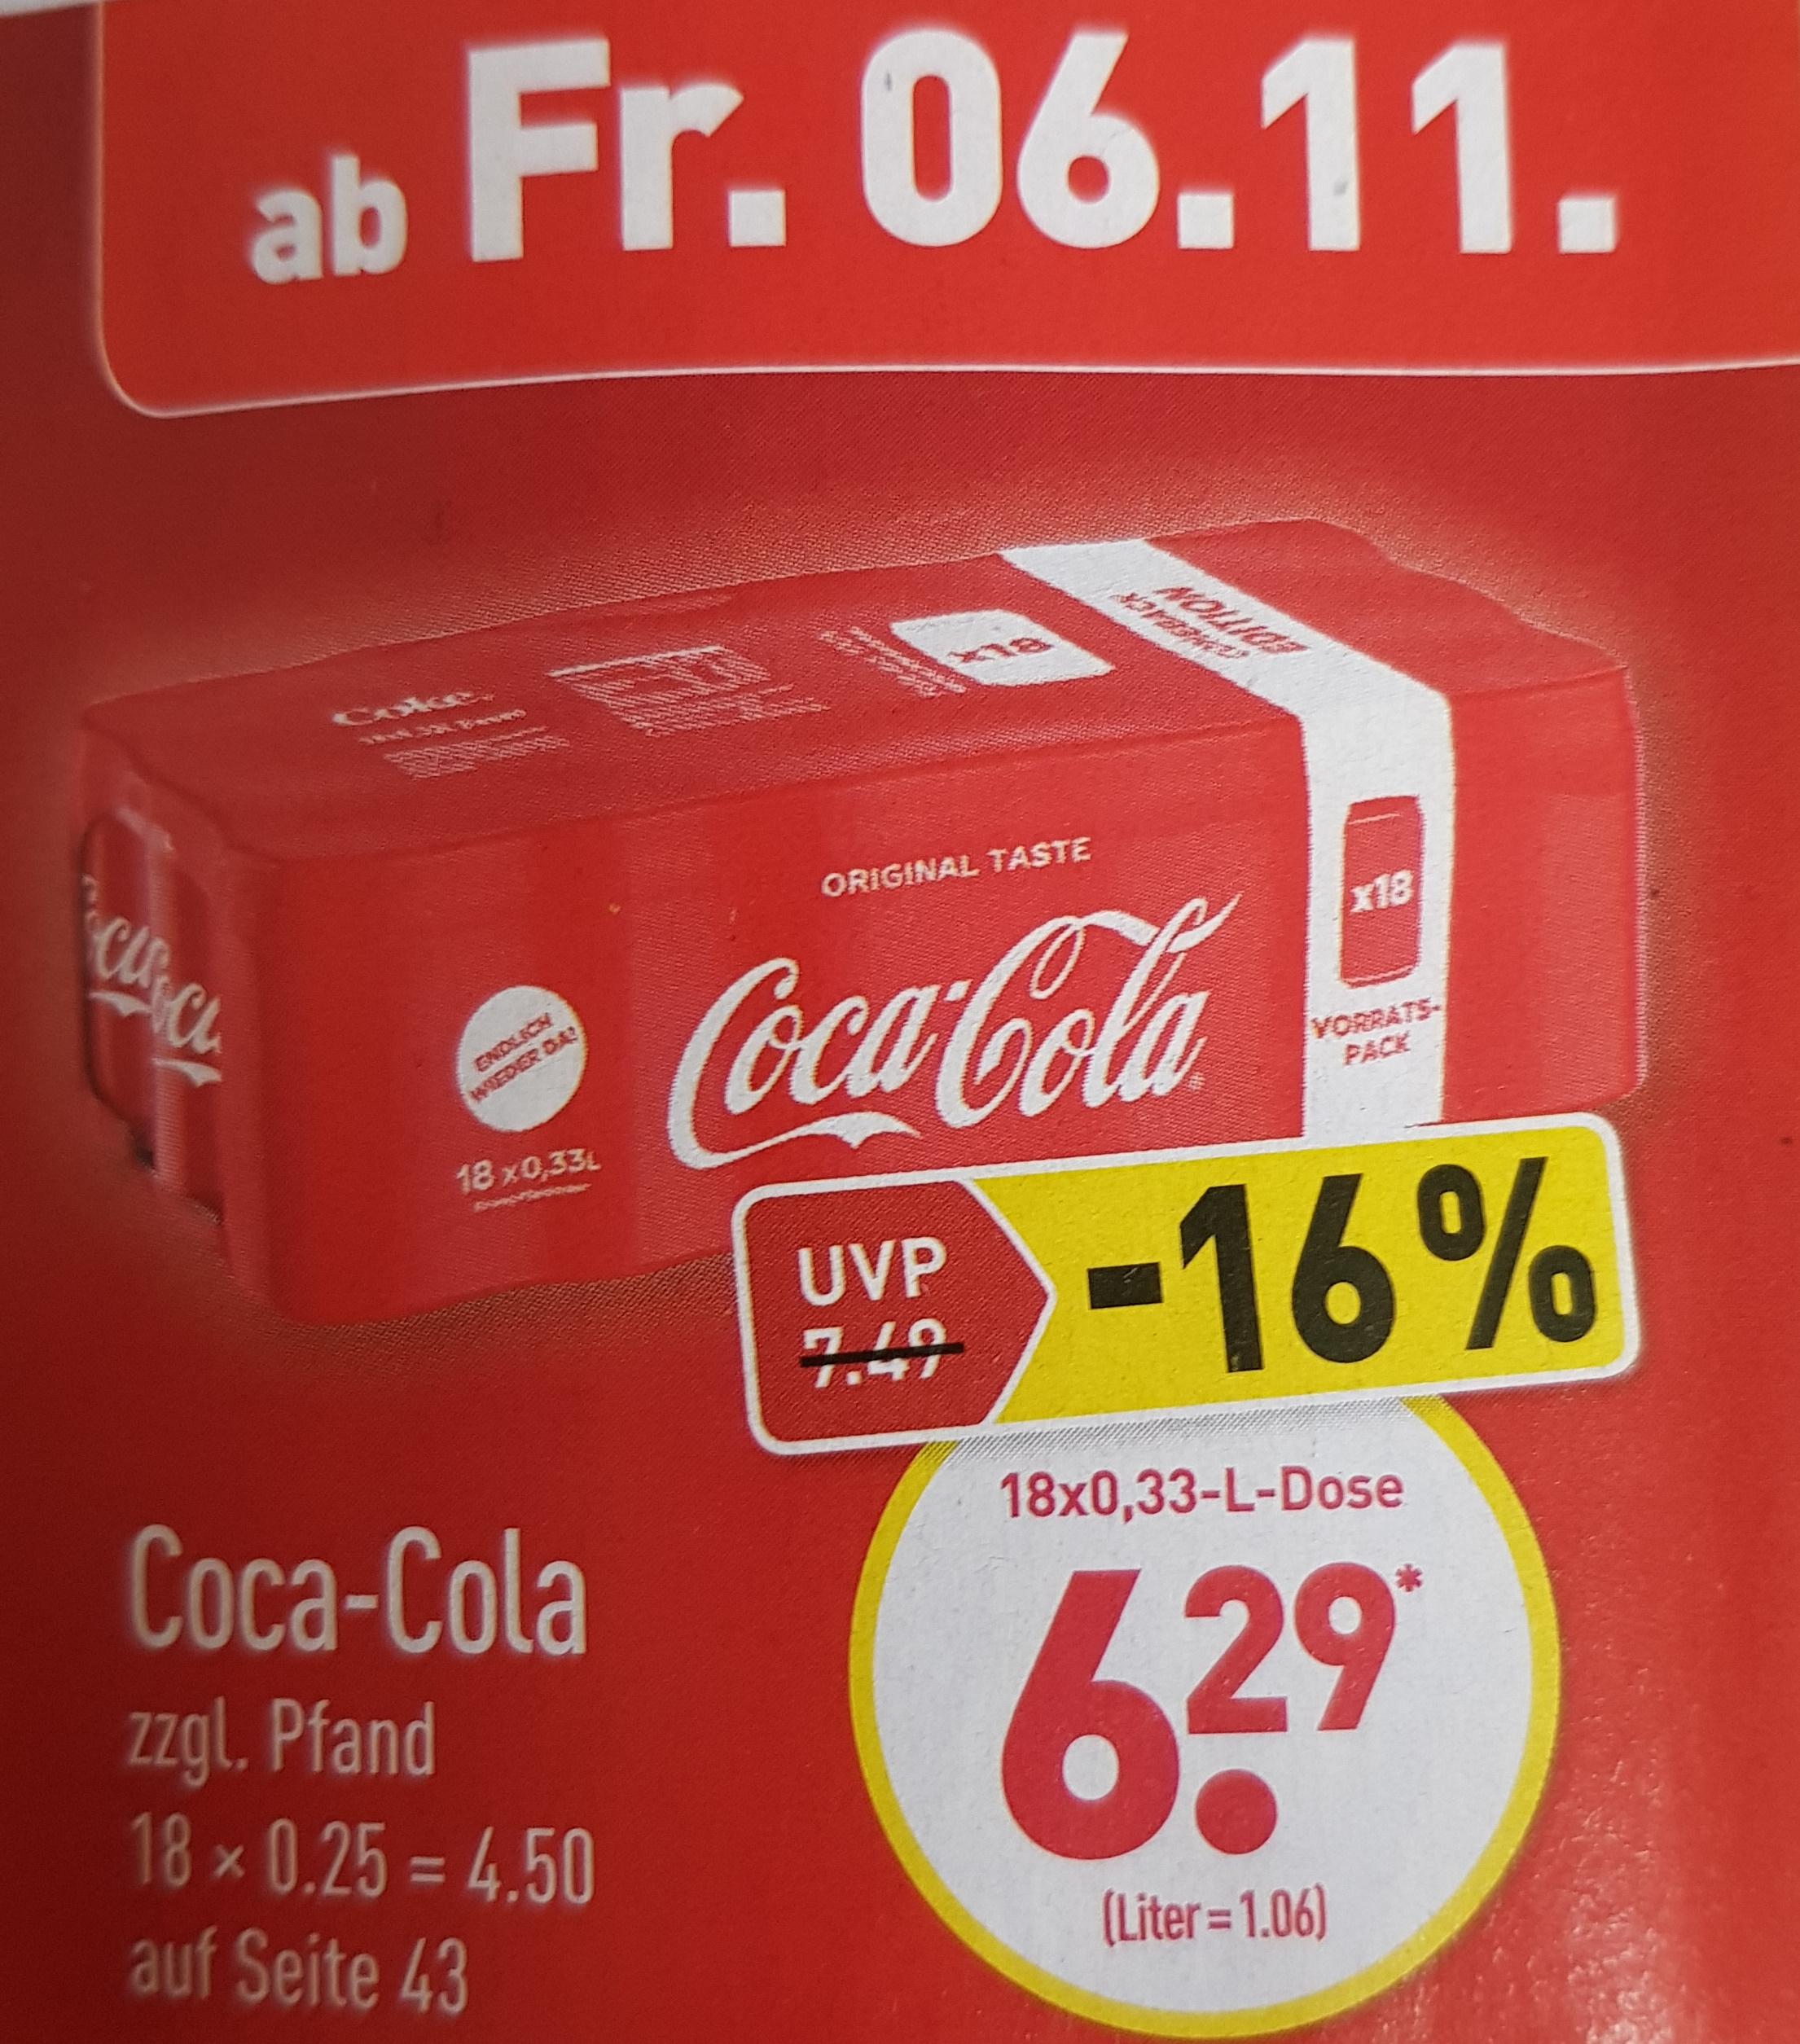 Aldi Nord: Coca-Cola Vorratspack (18 Dosen x 0,33l) für 6,29€ zzgl. 4,50€ Pfand ab dem 6.11